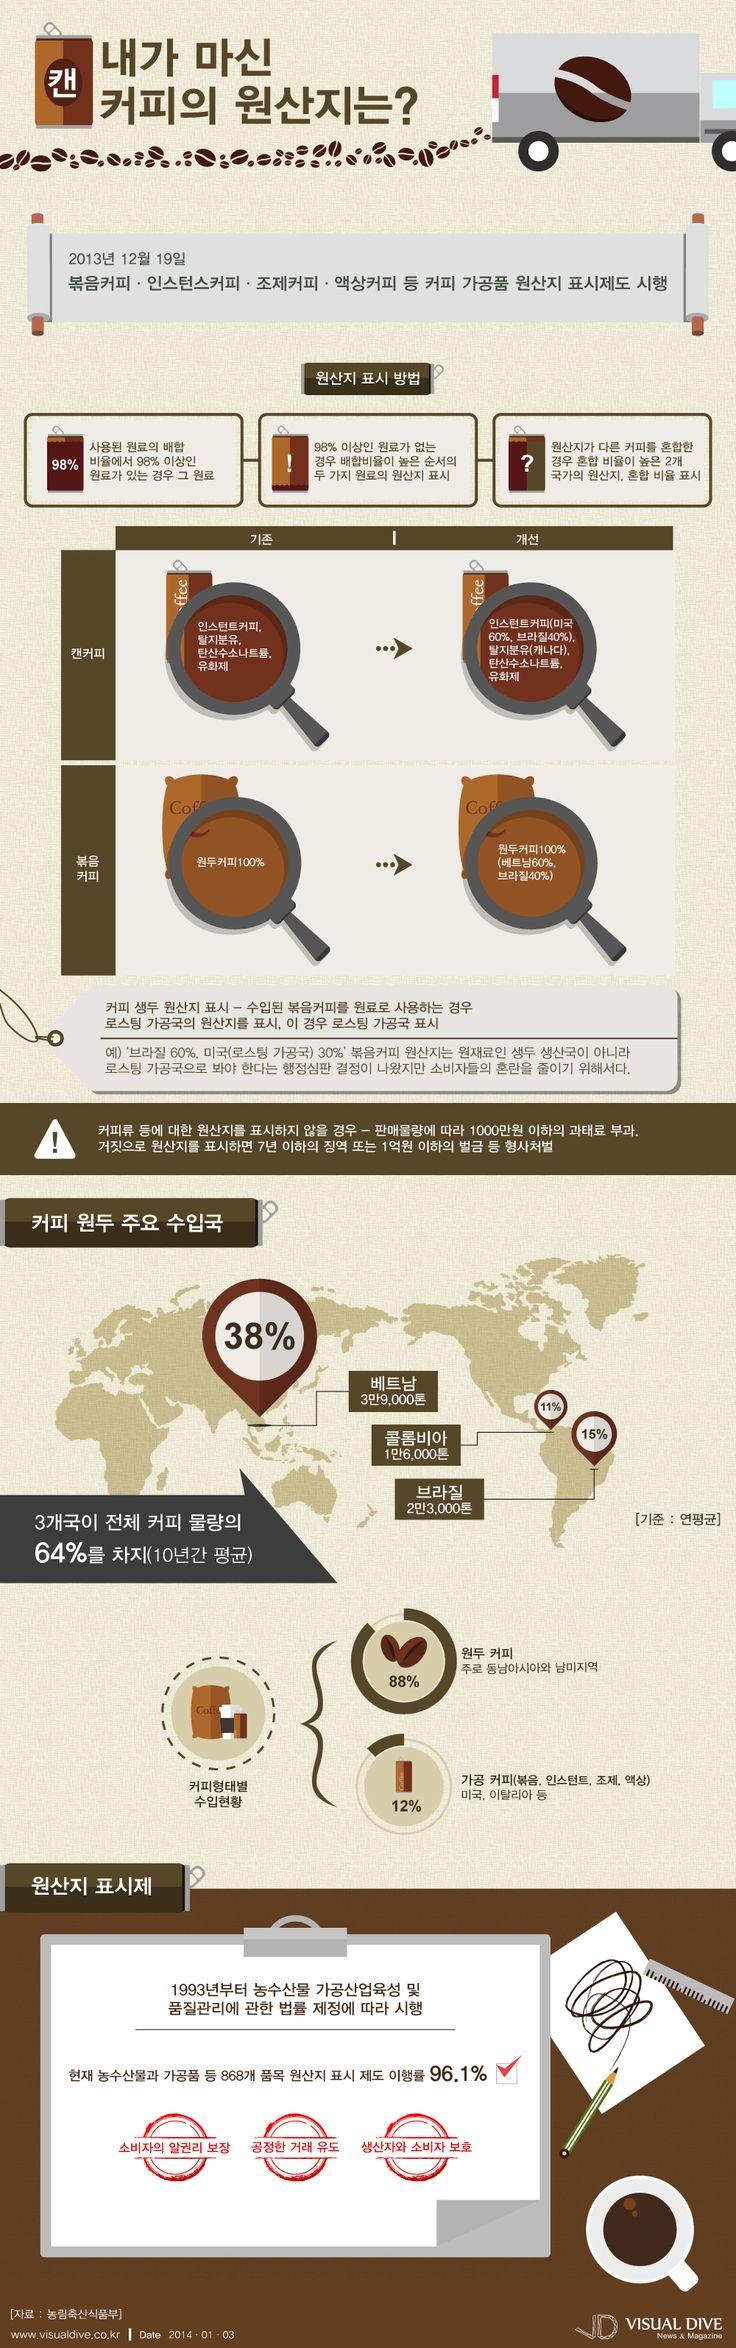 [인포그래픽] 내가 마신 '캔 커피'의 원산지는? #coffee / #Infographic ⓒ 비주얼다이브 무단 복사·전재·재배포 금지